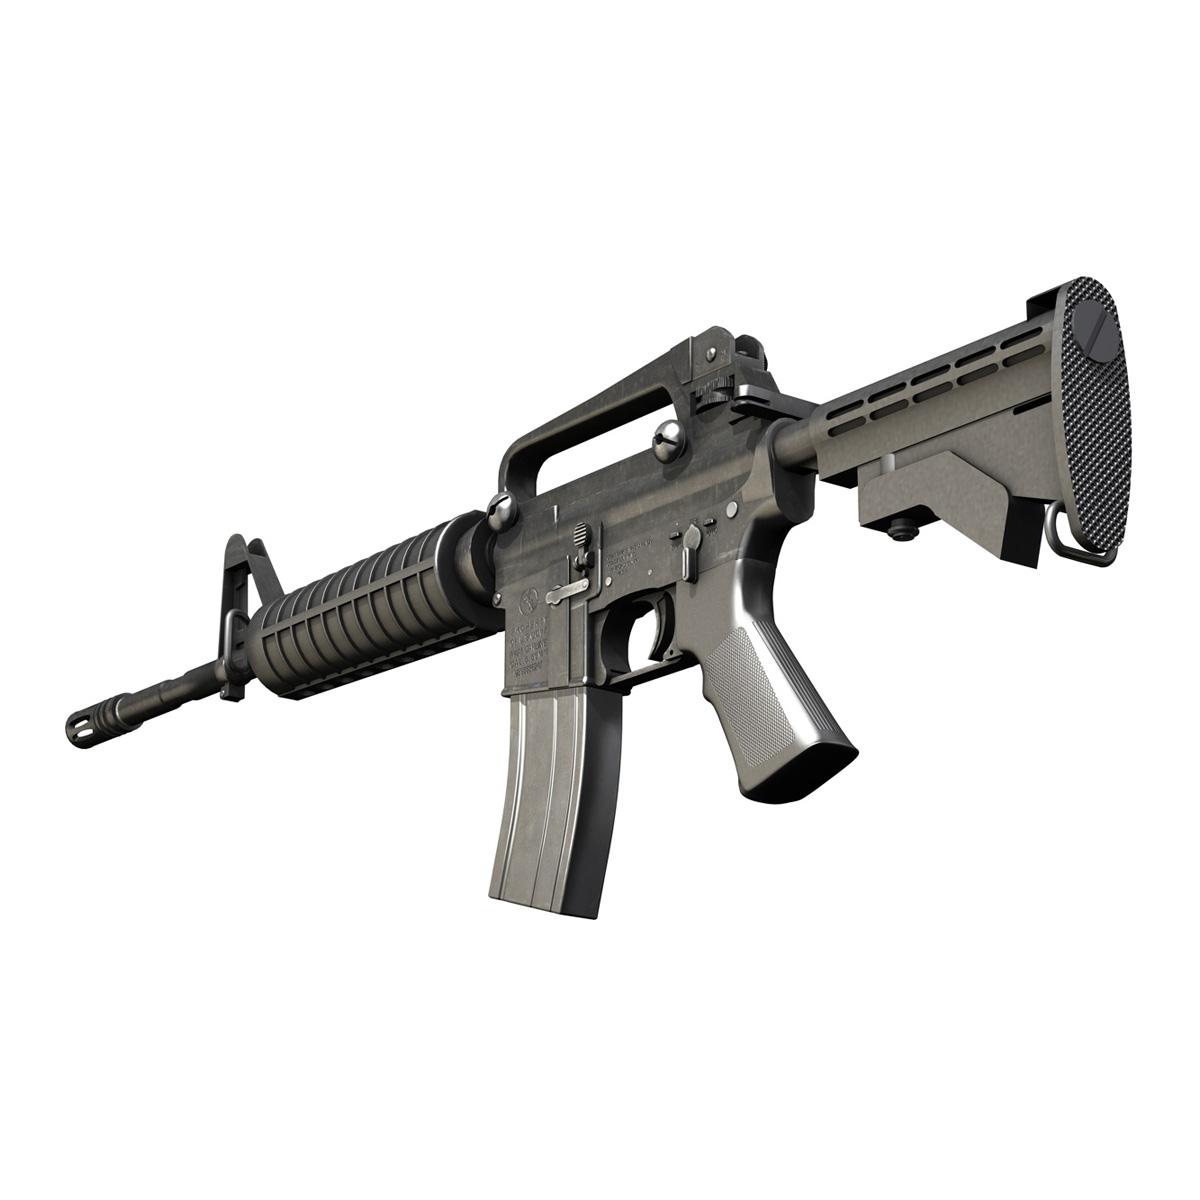 Colt M4A1 Carbine Assault Rifle 3D Model